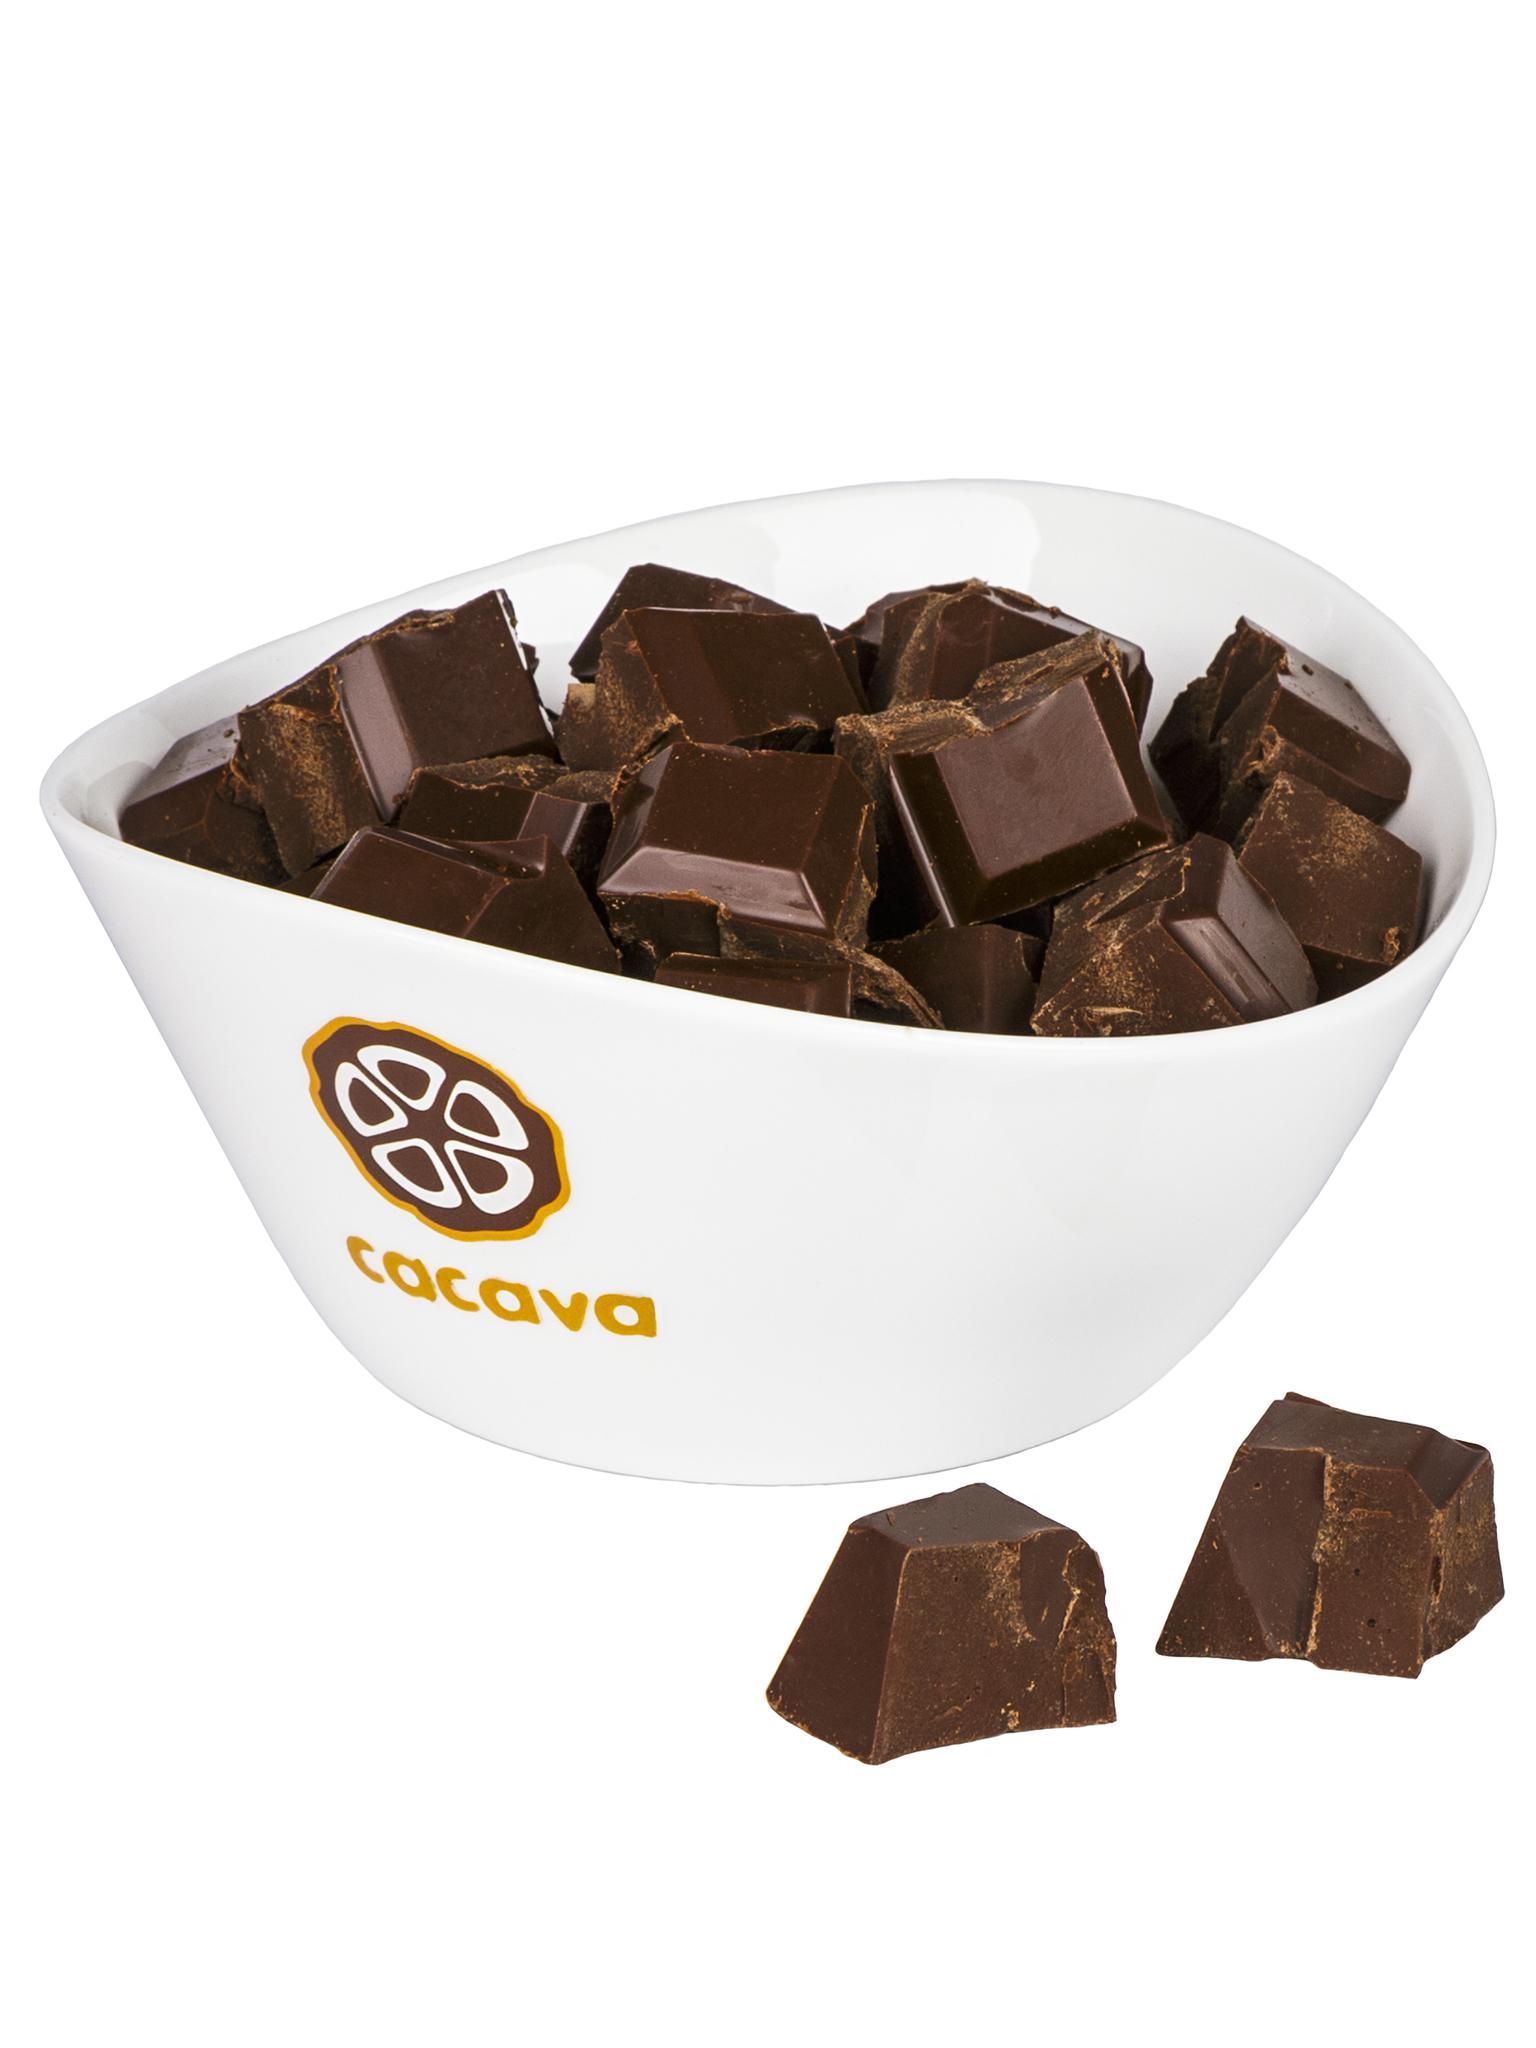 Молочный шоколад, карамелизированный, 50 % какао (Эквадор), внешний вид